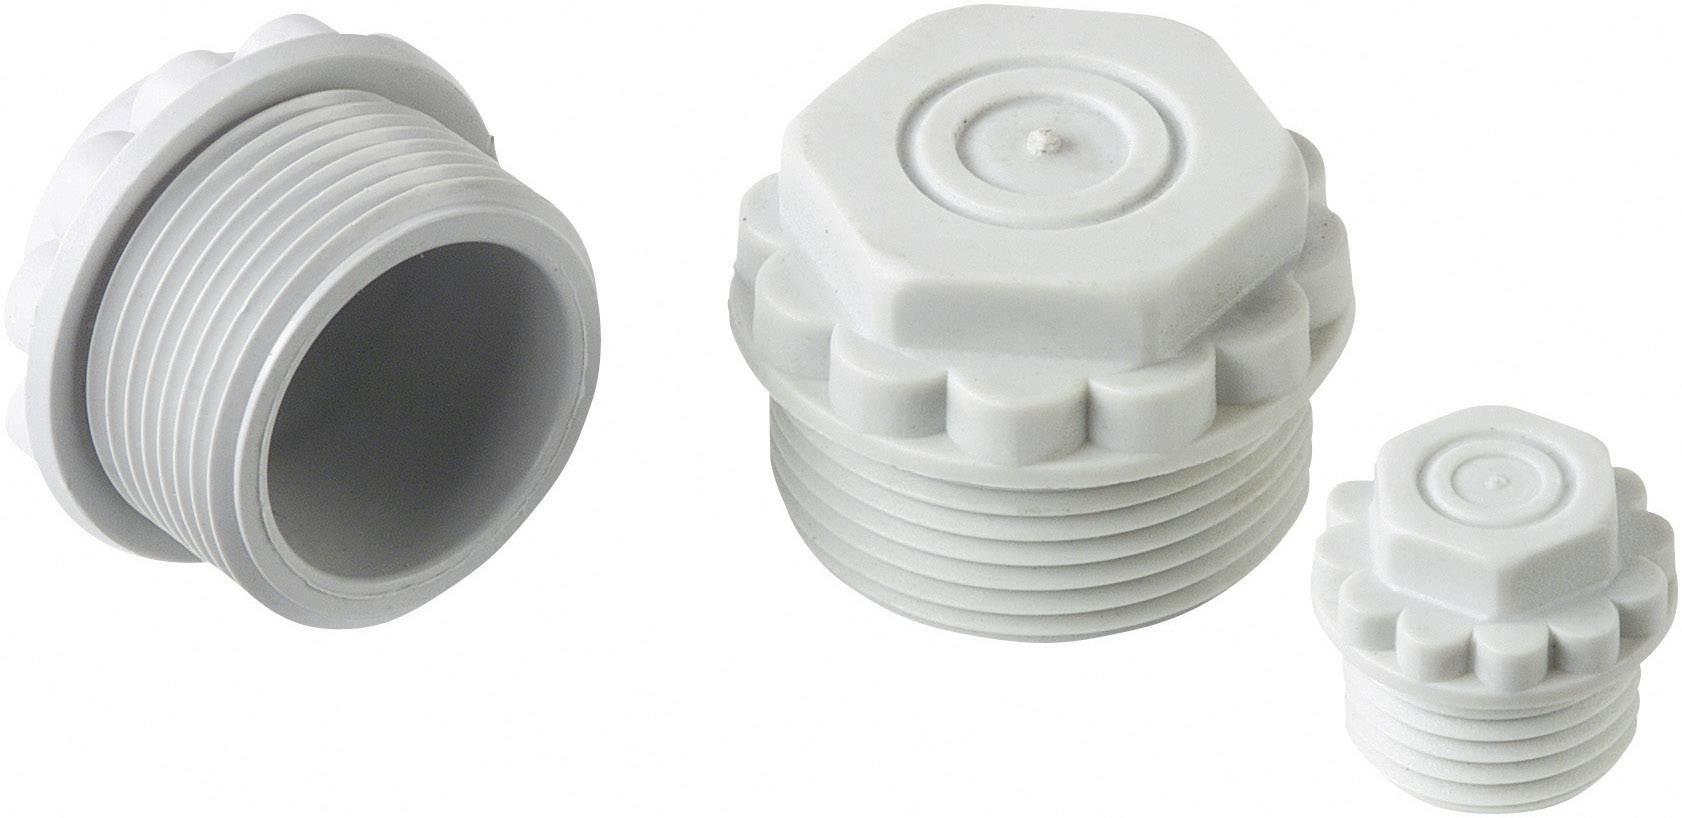 Záslepka LappKabel SKINDICHT® M20, s priepustnou membránou, polystyrén, 1 ks